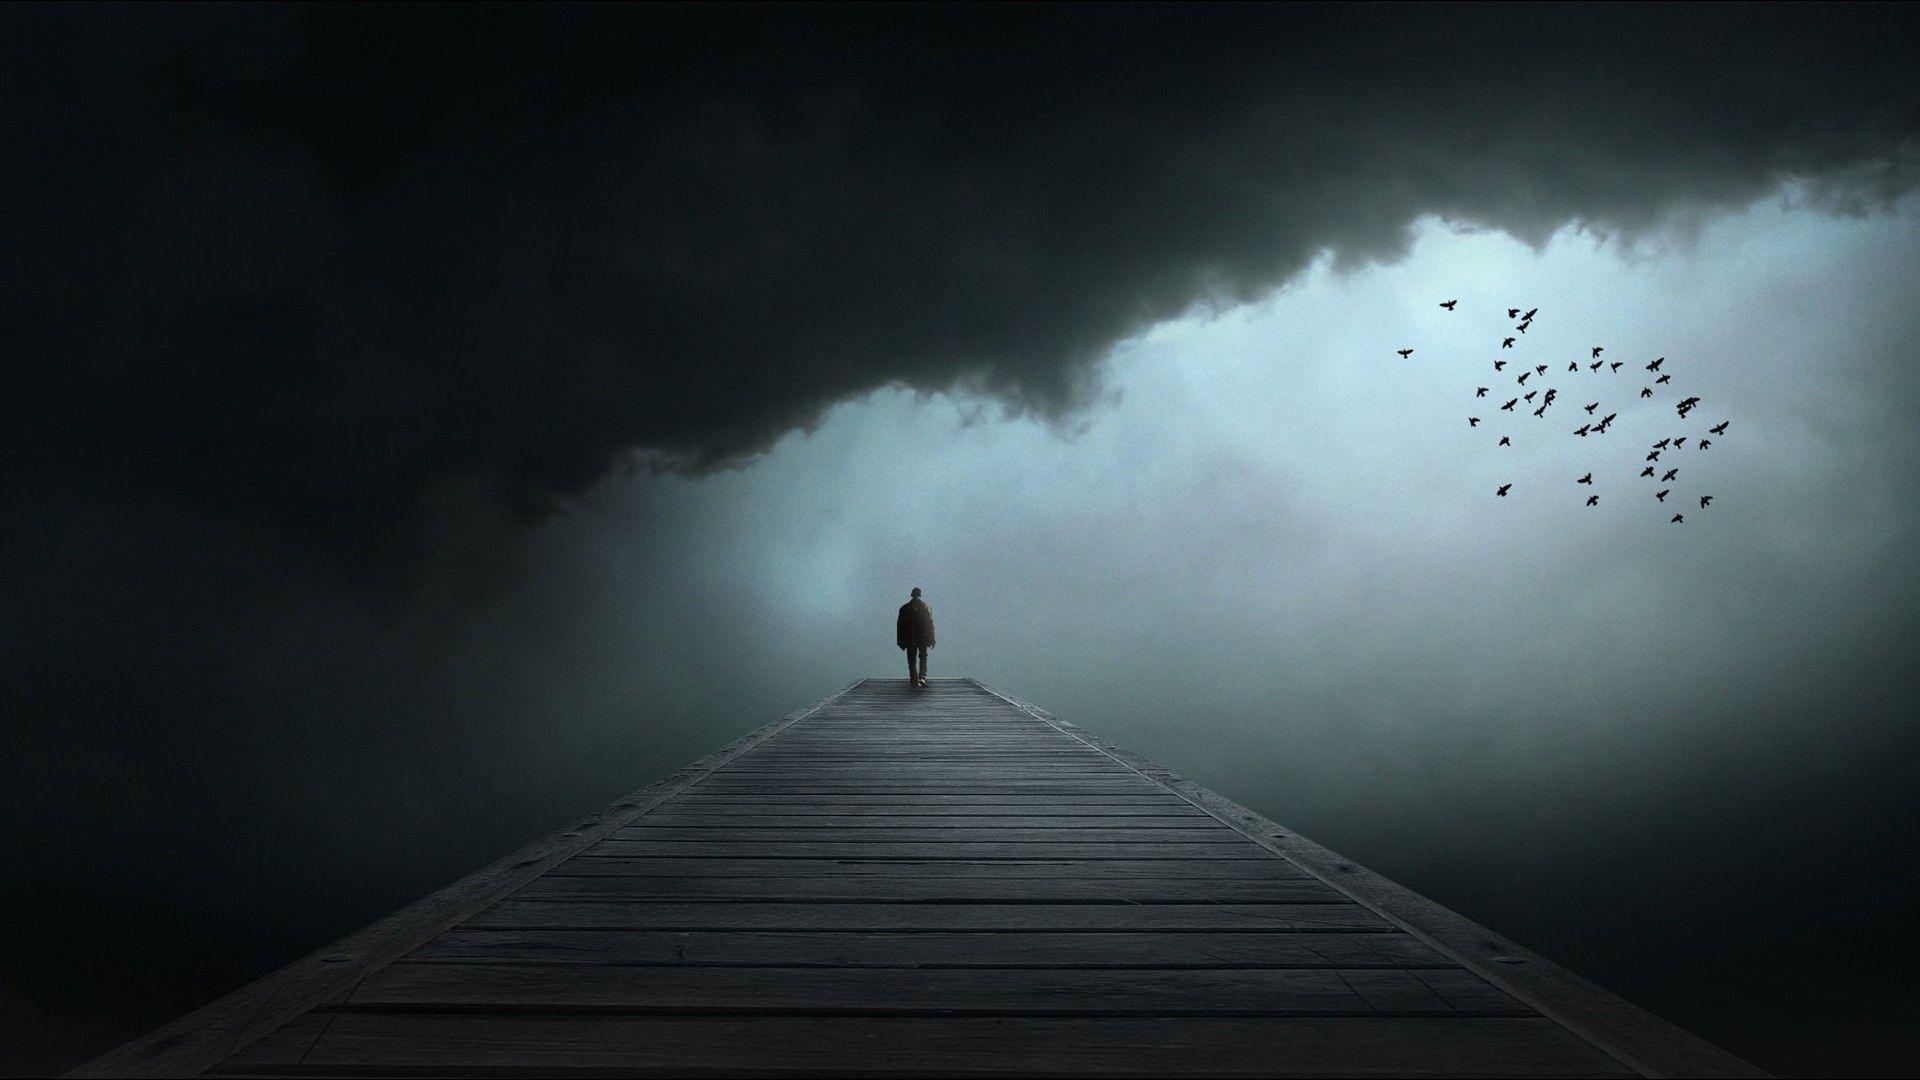 Alone man sad Alone sad